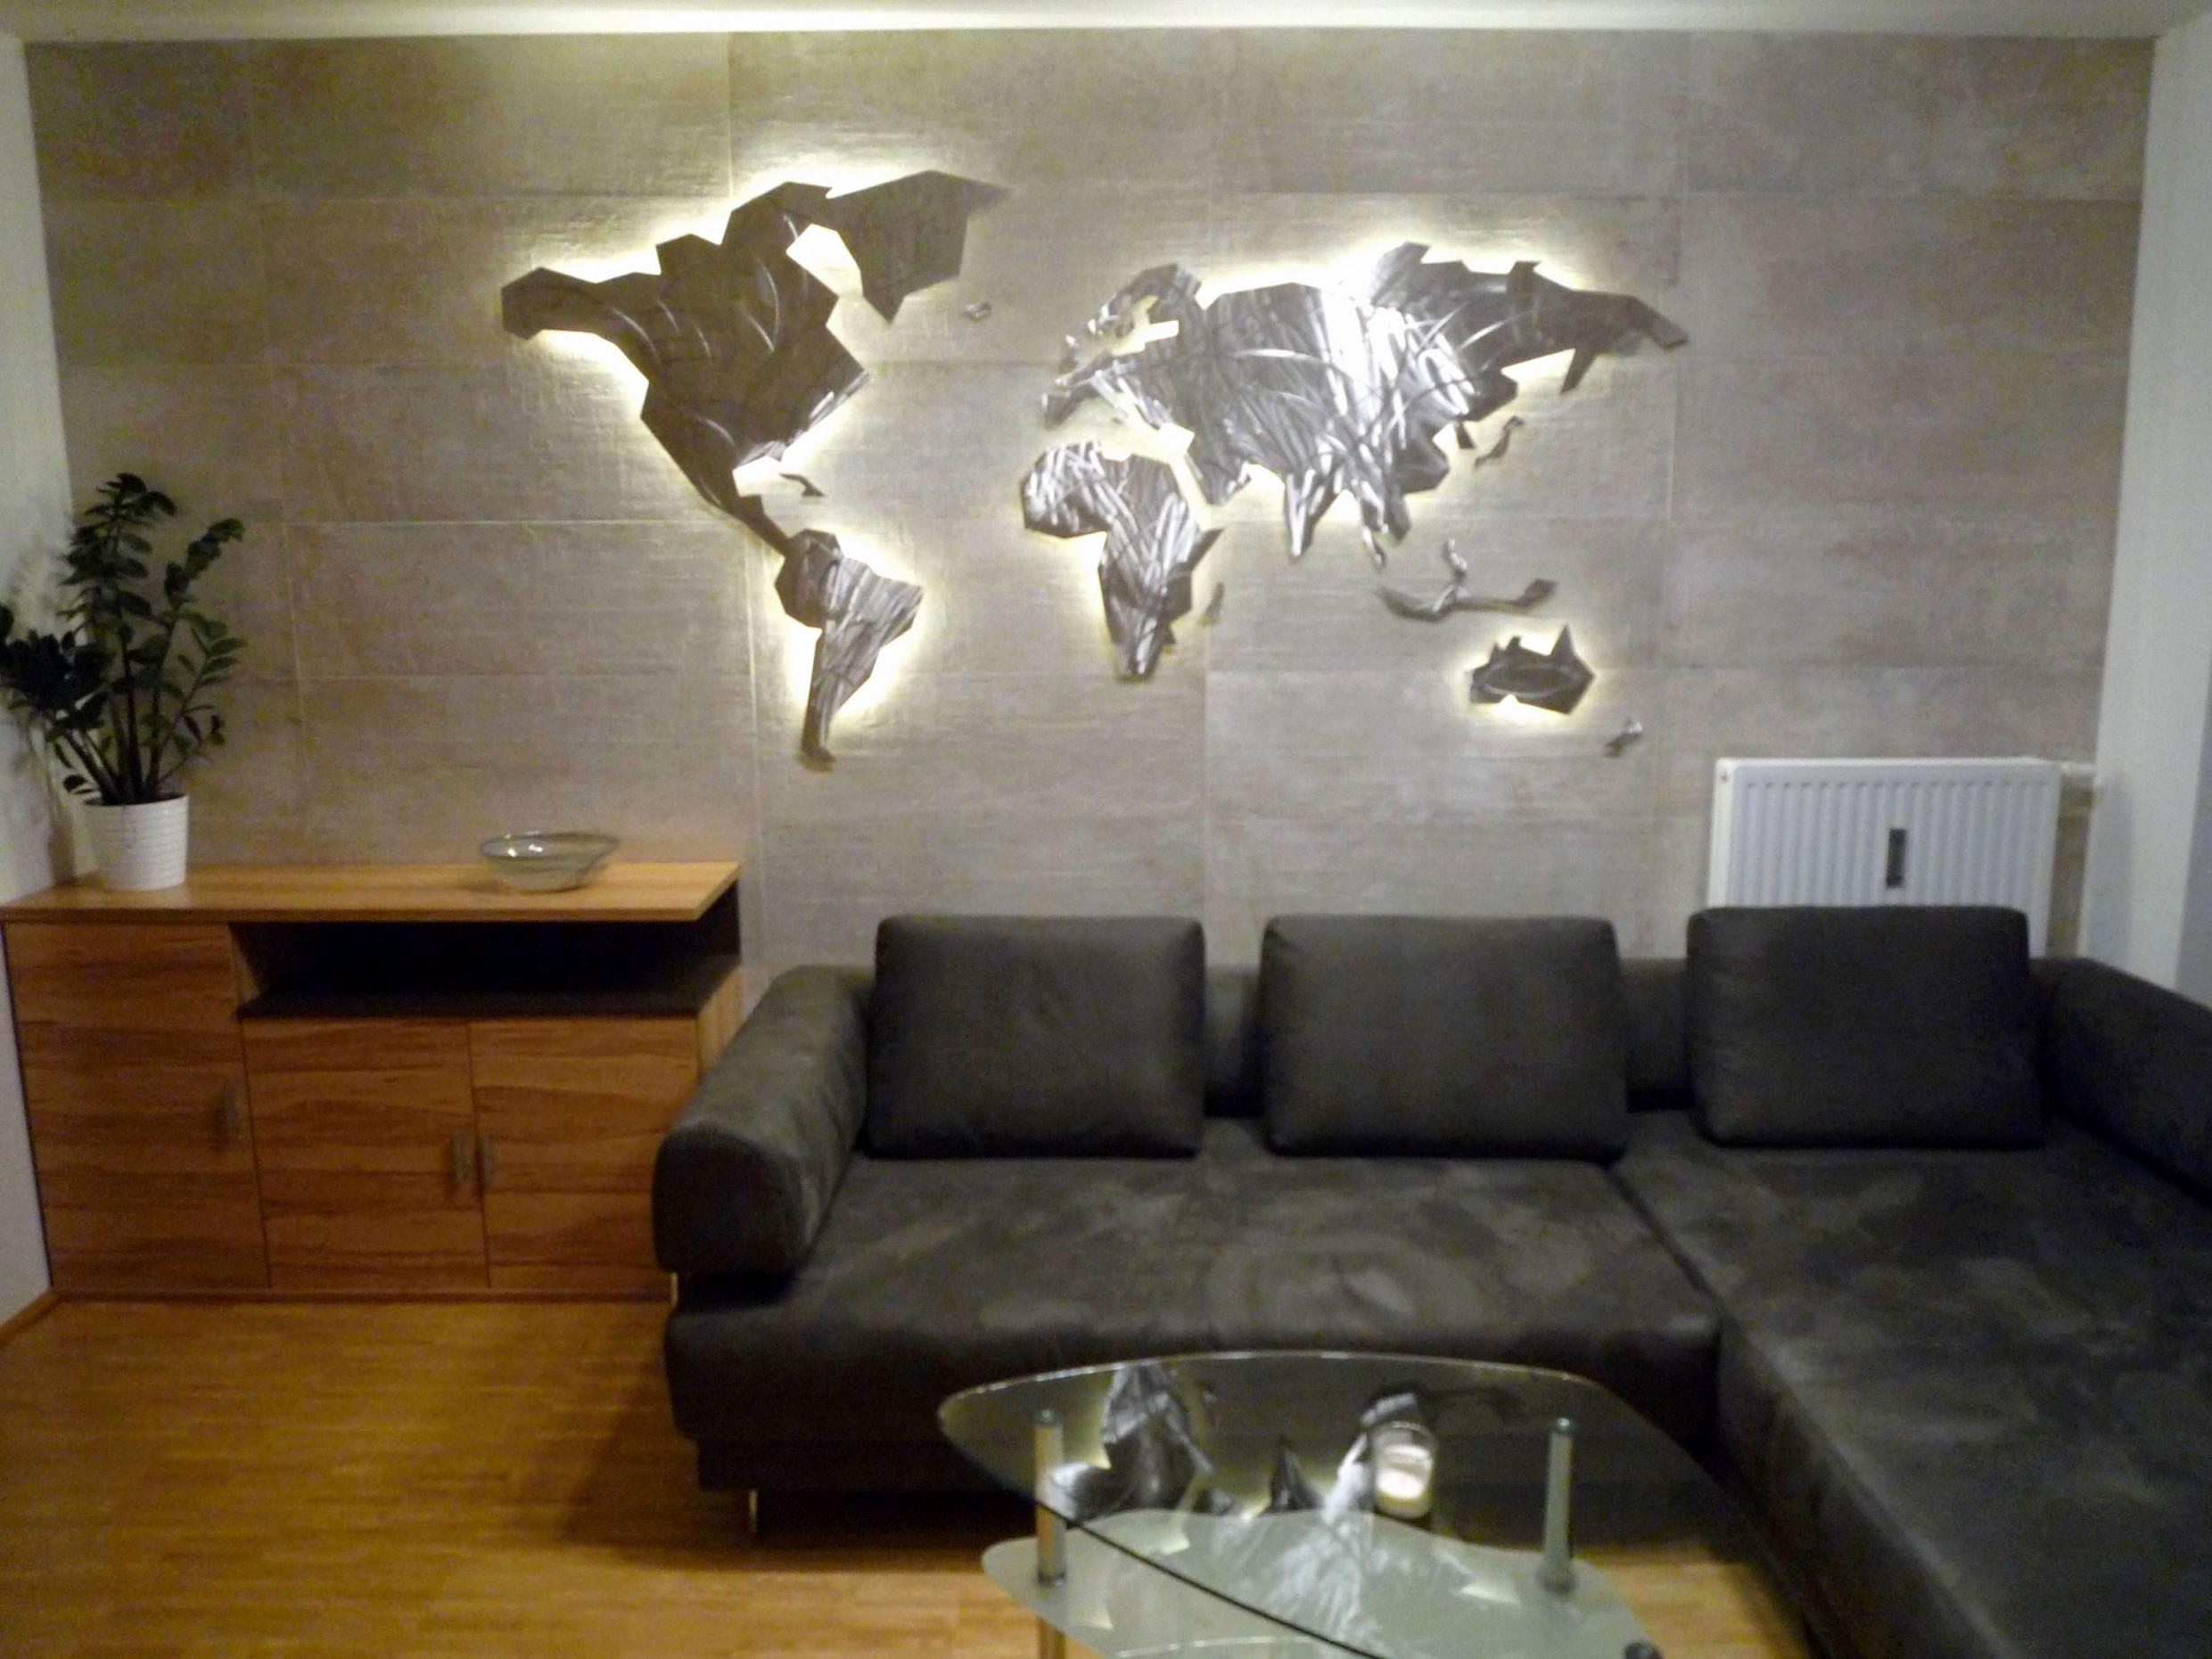 Luxus Holz Deko Wand Bild Von Holz Dekoration Wand Photo von Deko Für Wand Wohnzimmer Bild